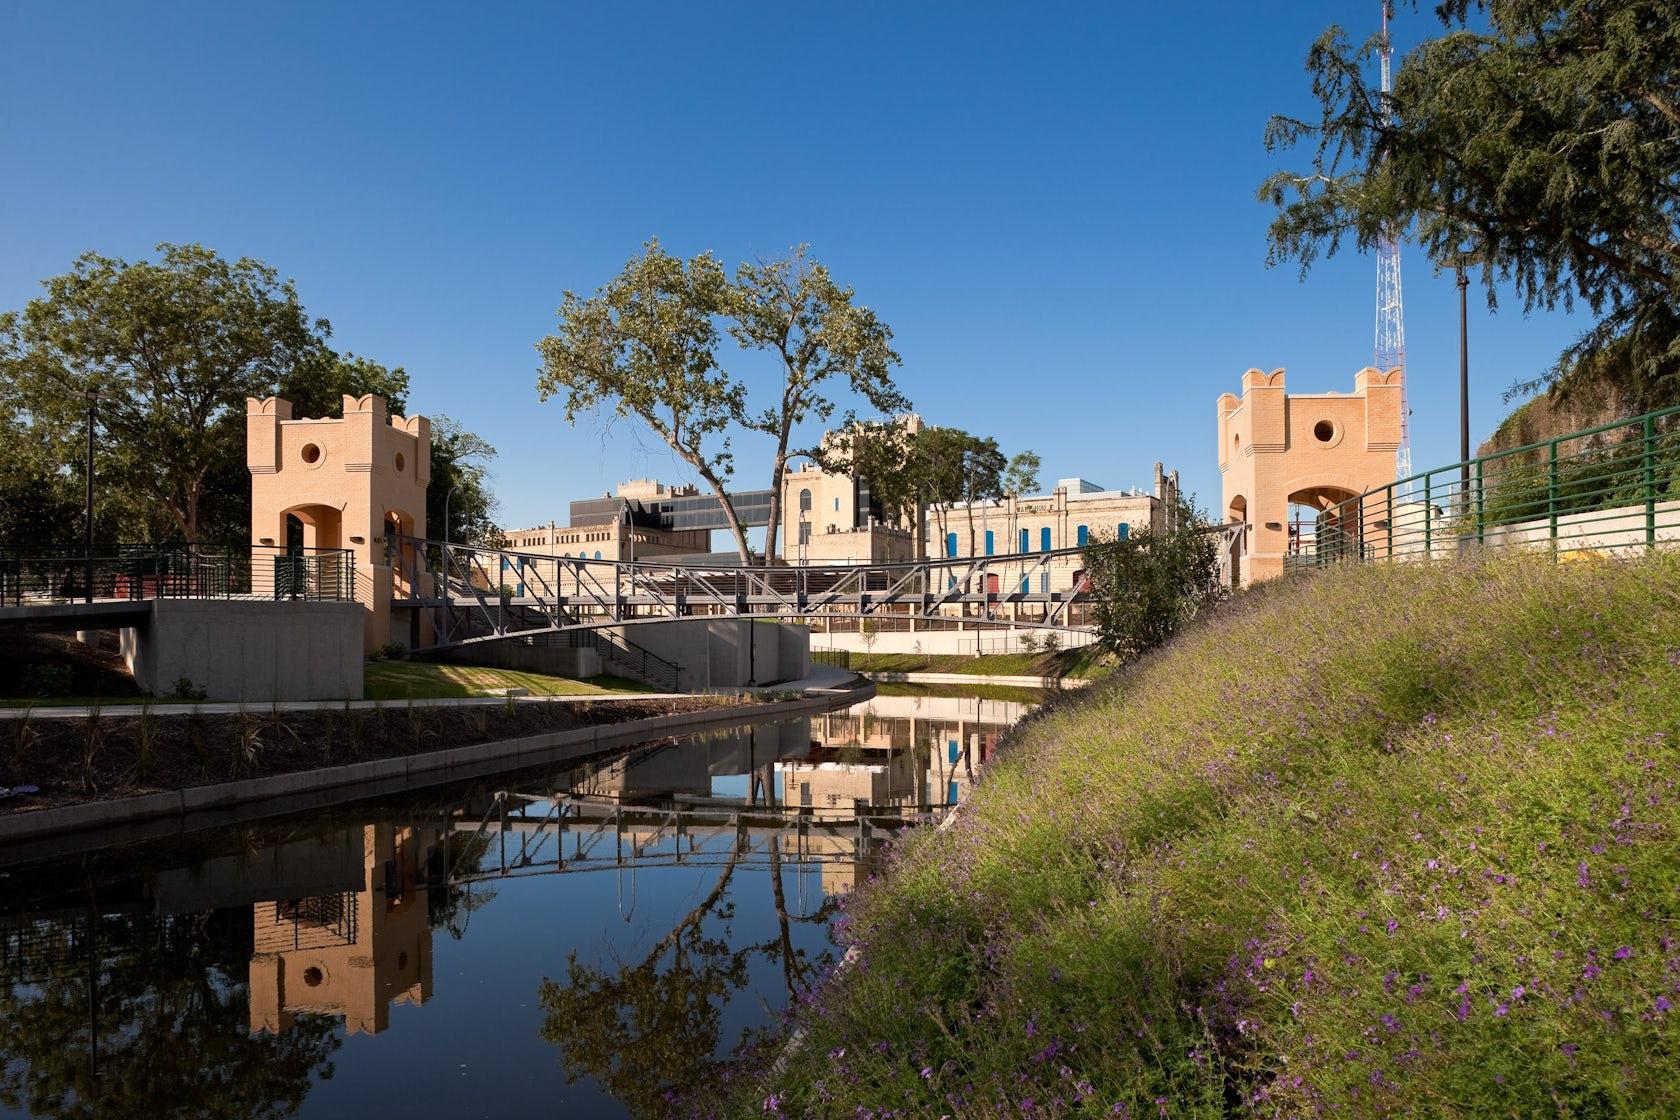 San Antonio Riverwalk Museum Reach Extension Architizer